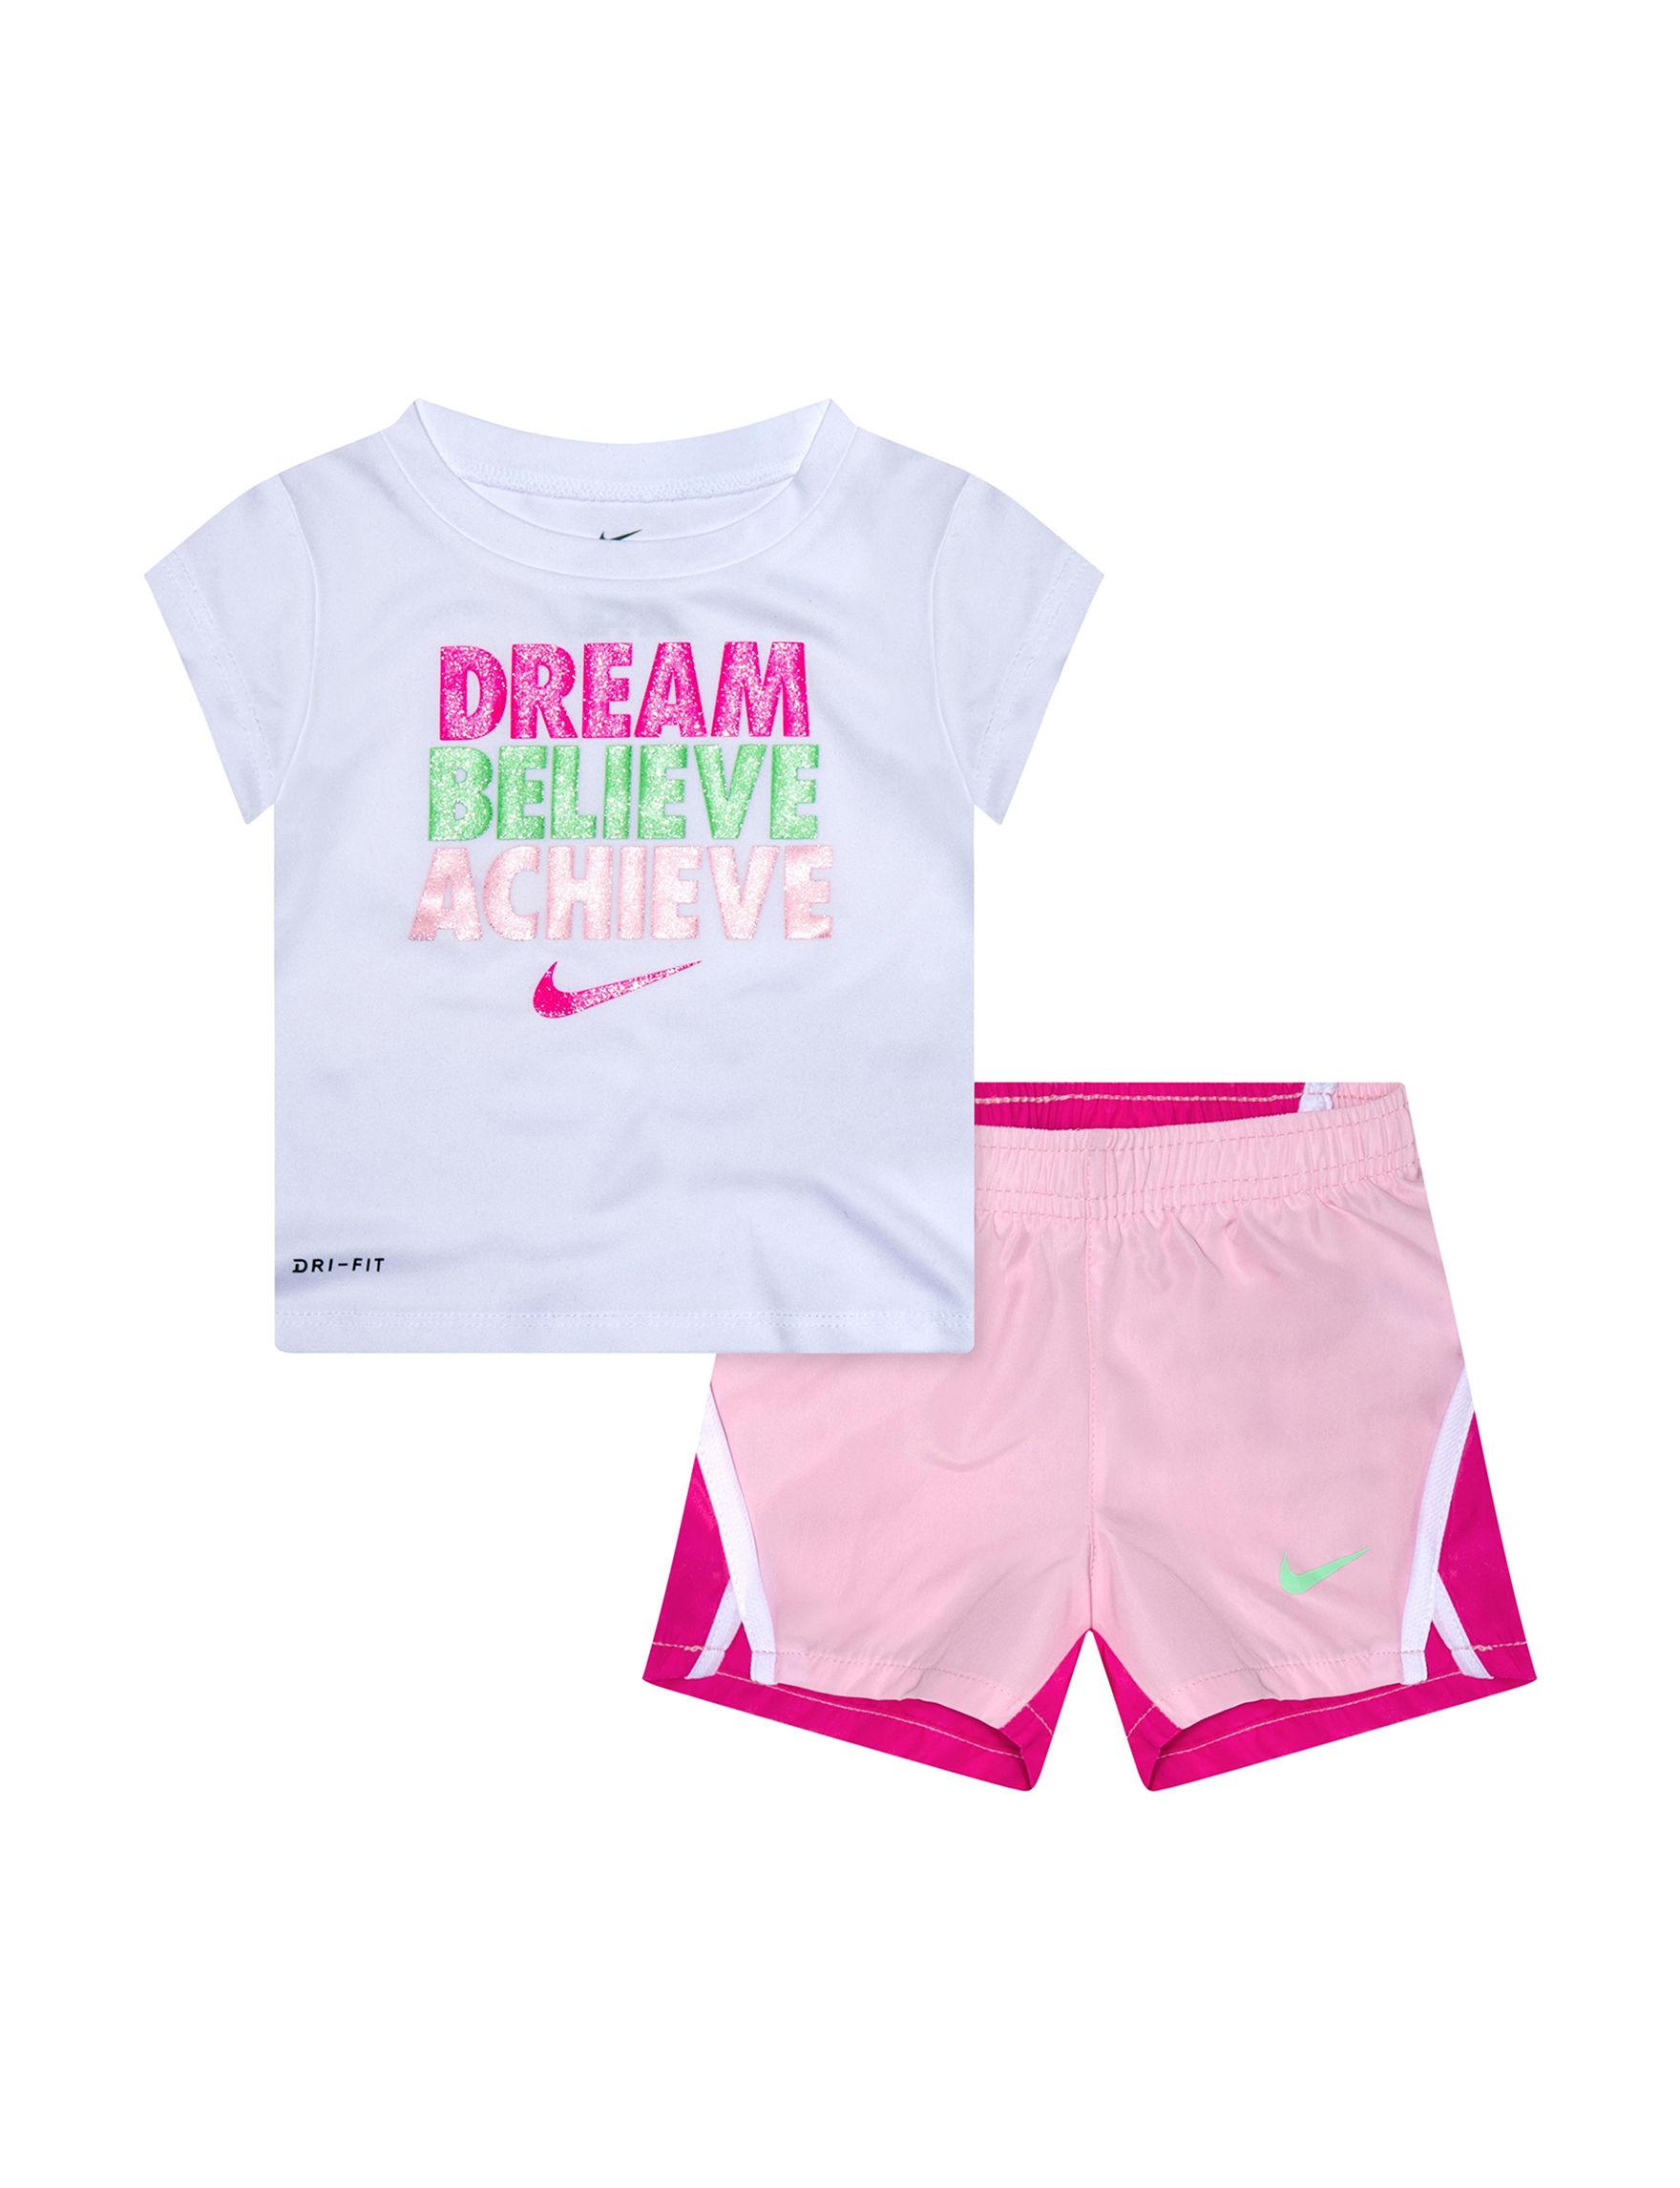 Nike Pink / White / Green